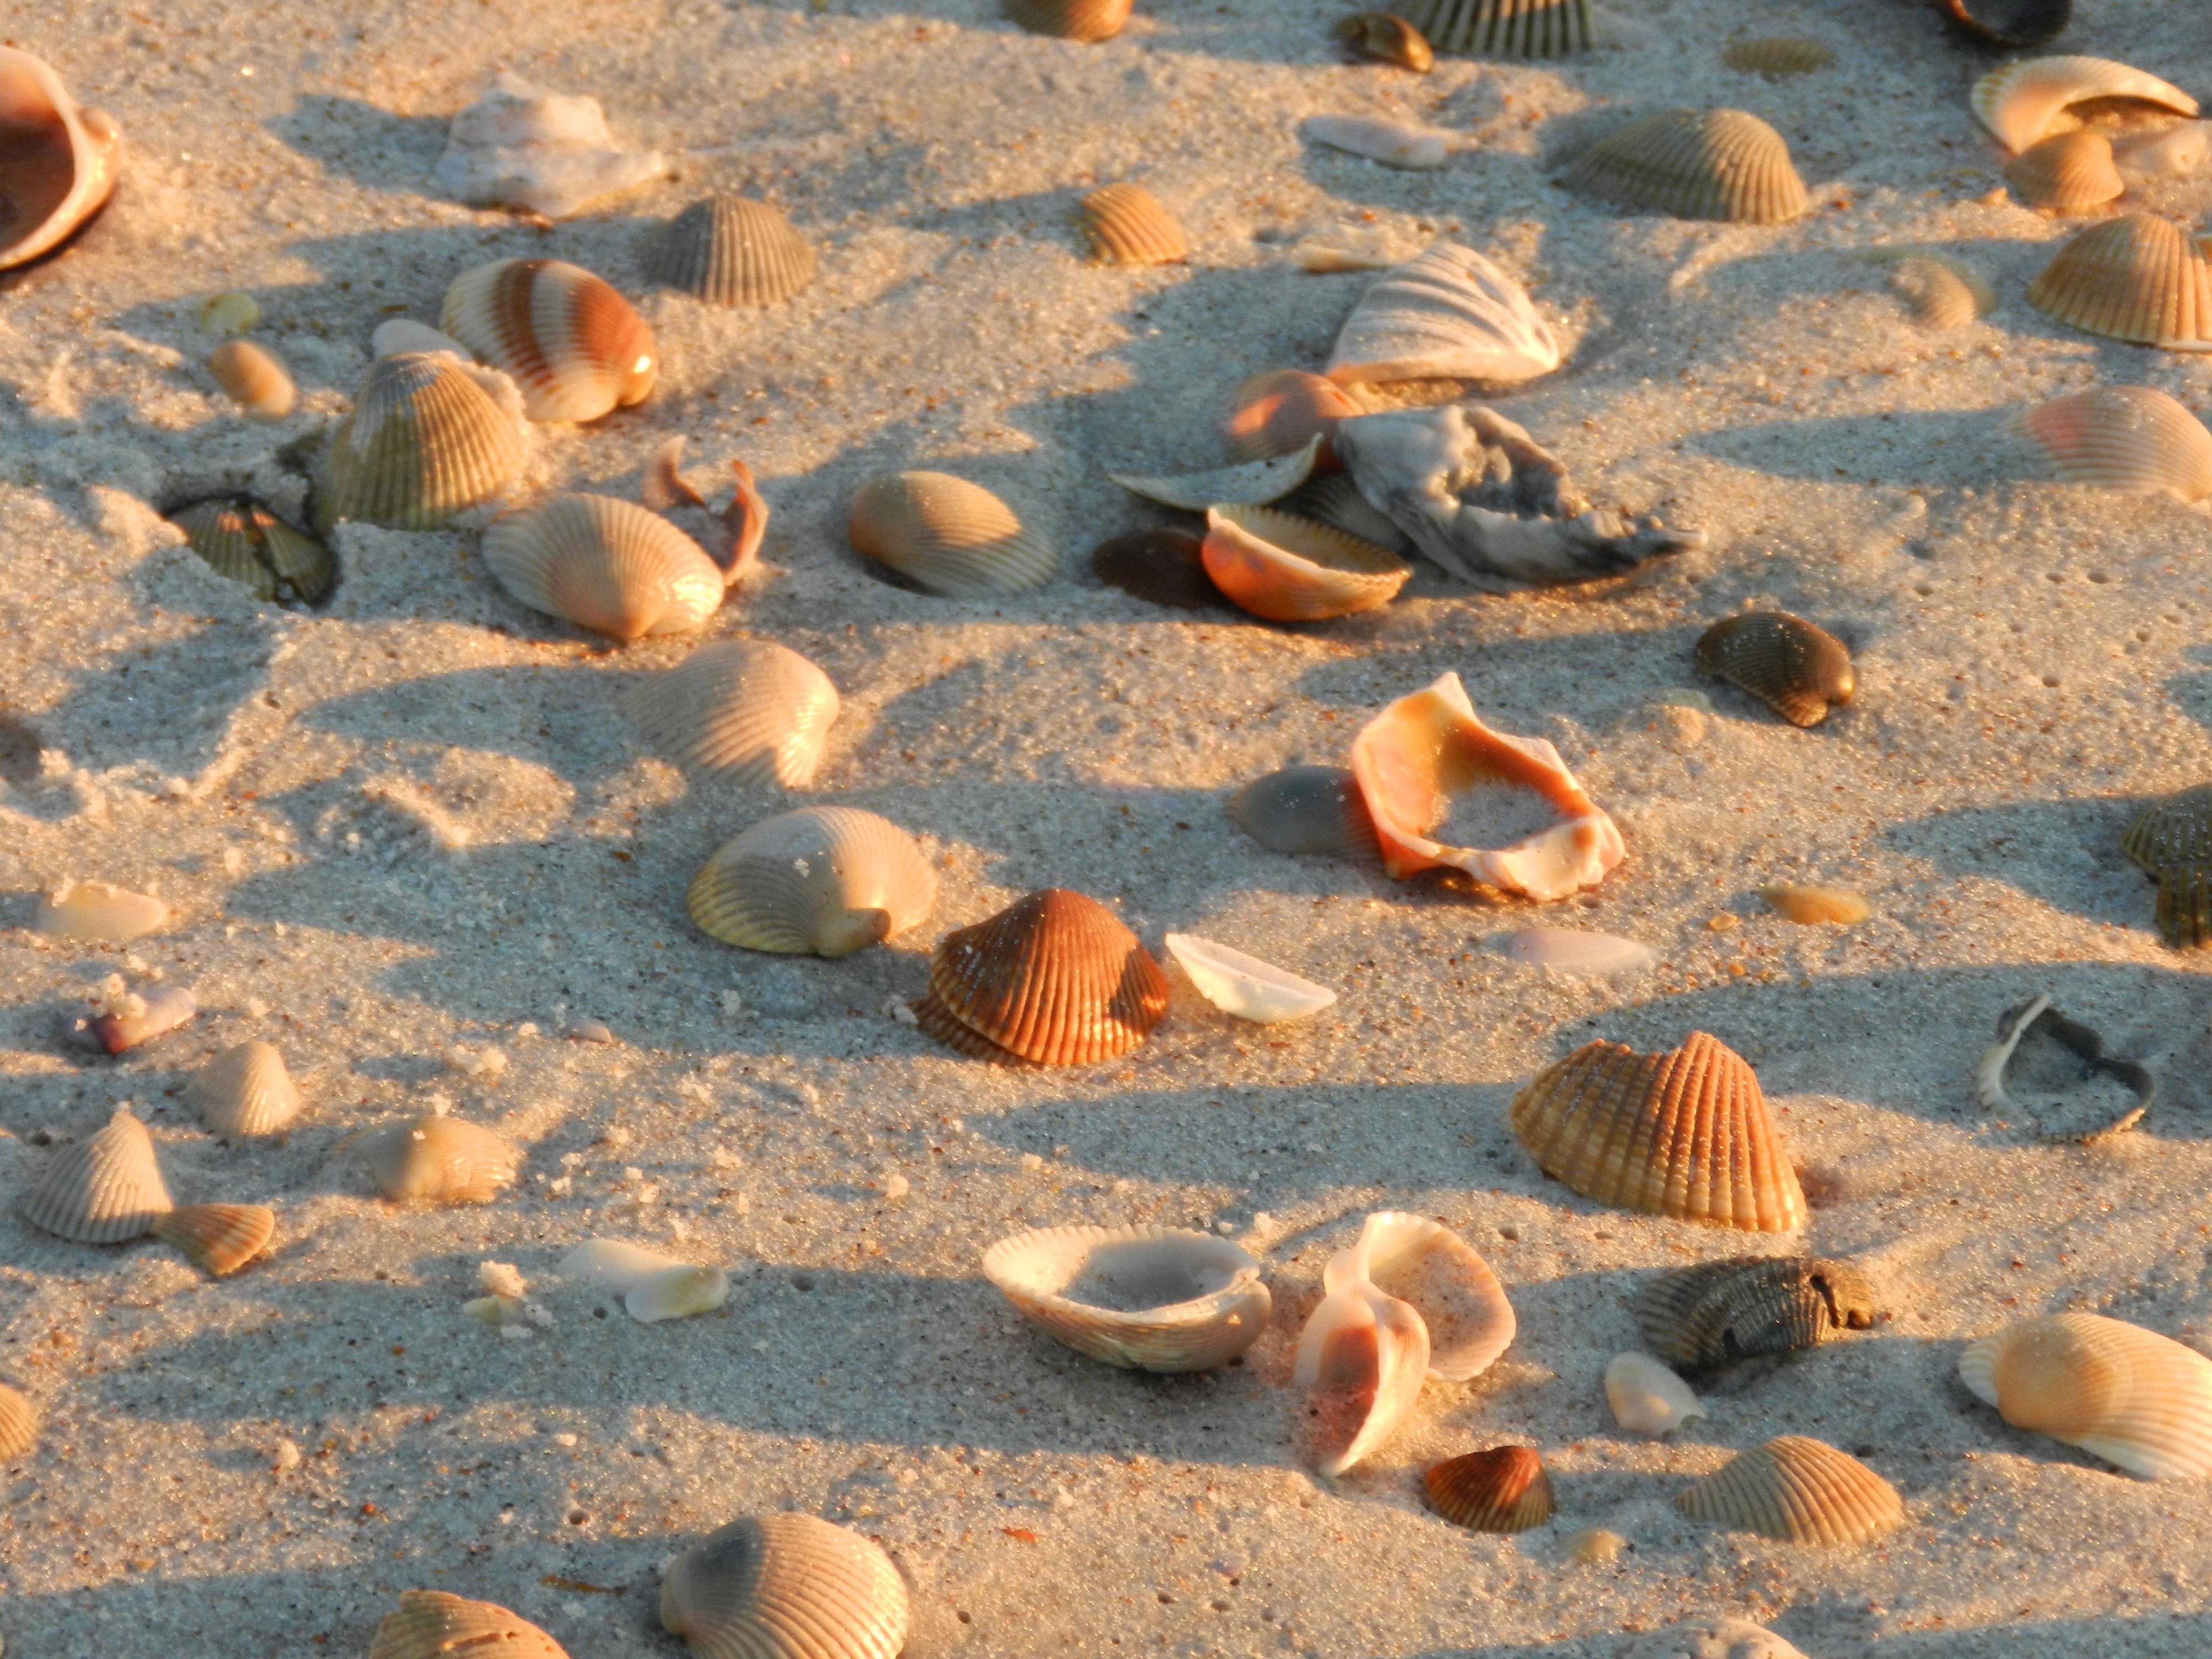 желаю картинки из ракушек на песке короткие пожелания днем